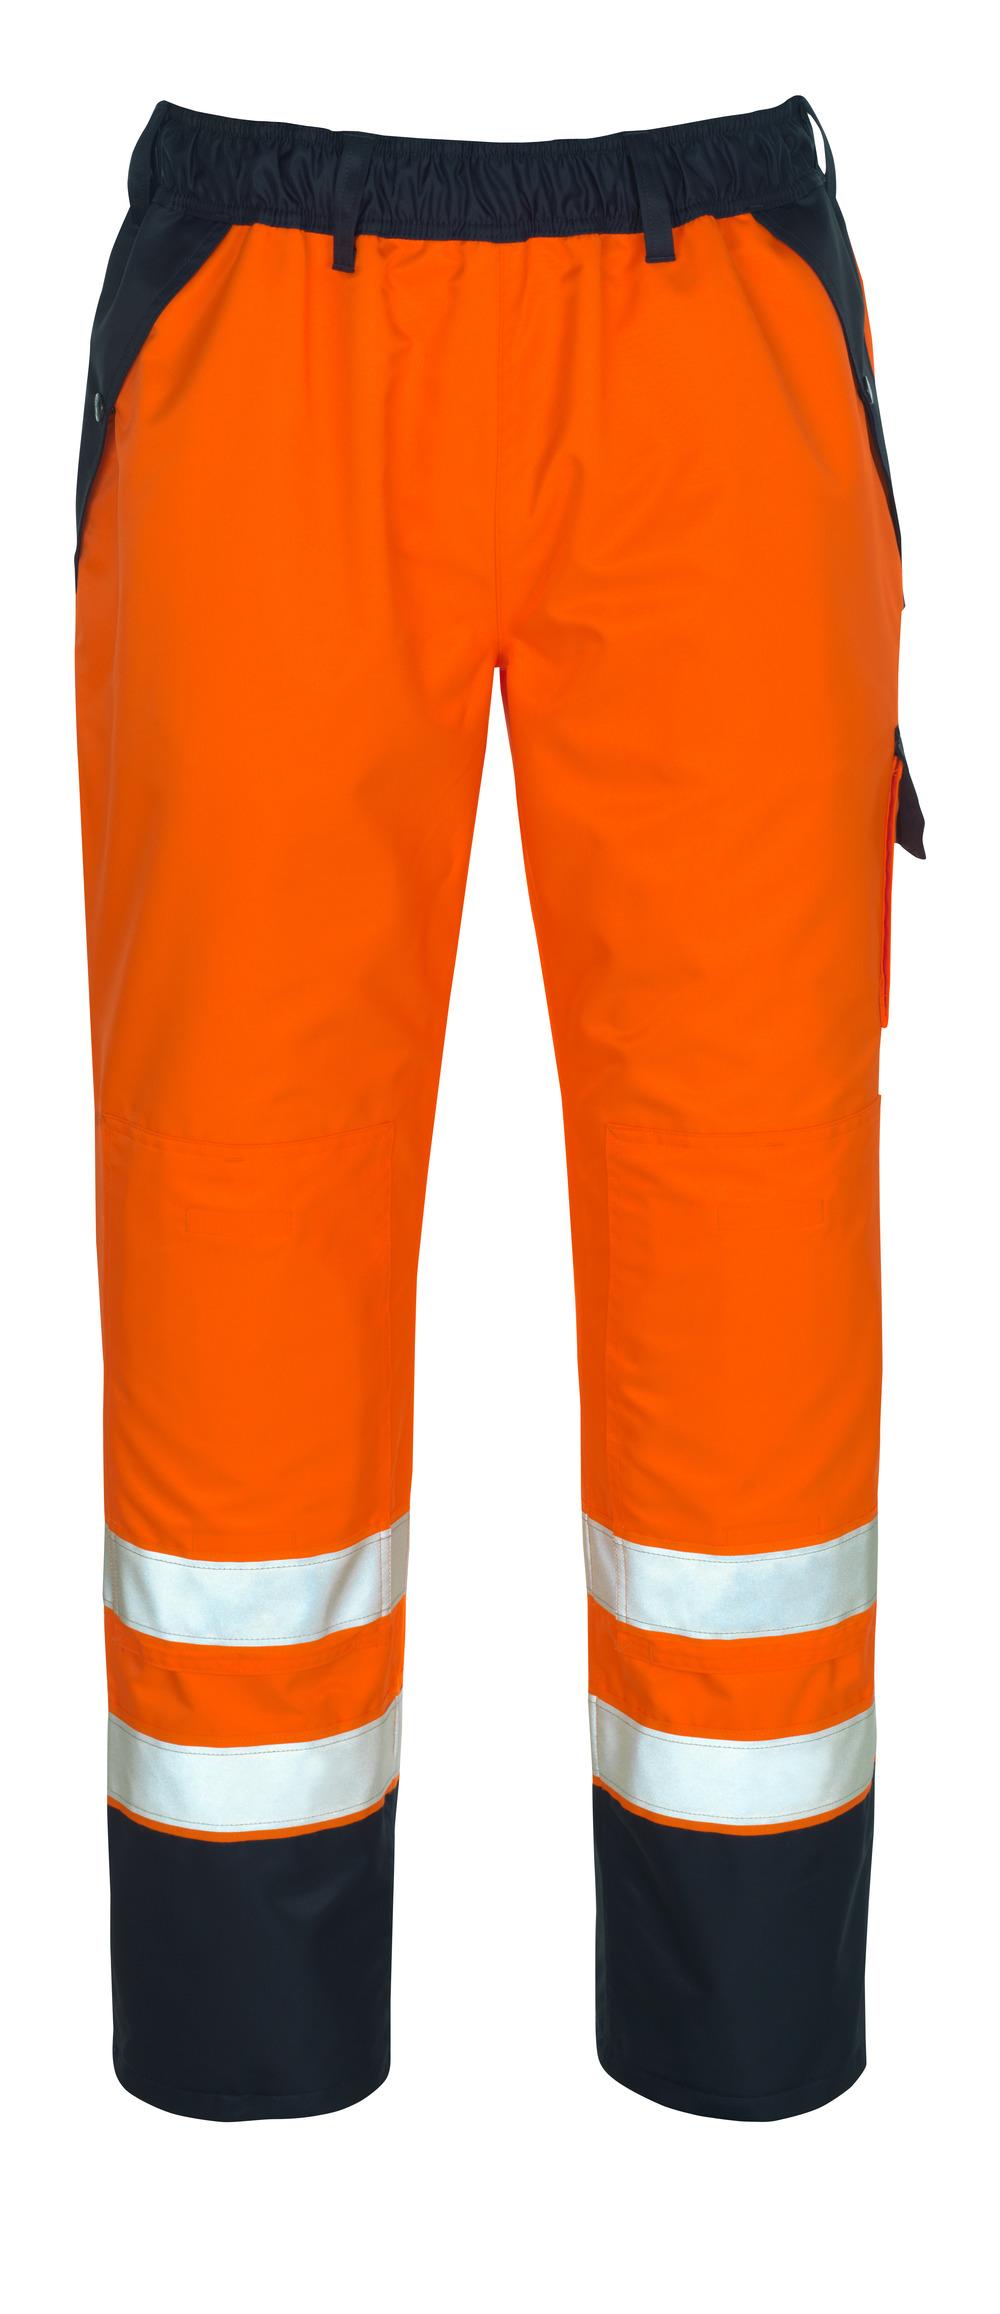 07090-880-141 Cubre pantalón con bolsillos para rodilleras - naranja de alta vis./azul marino